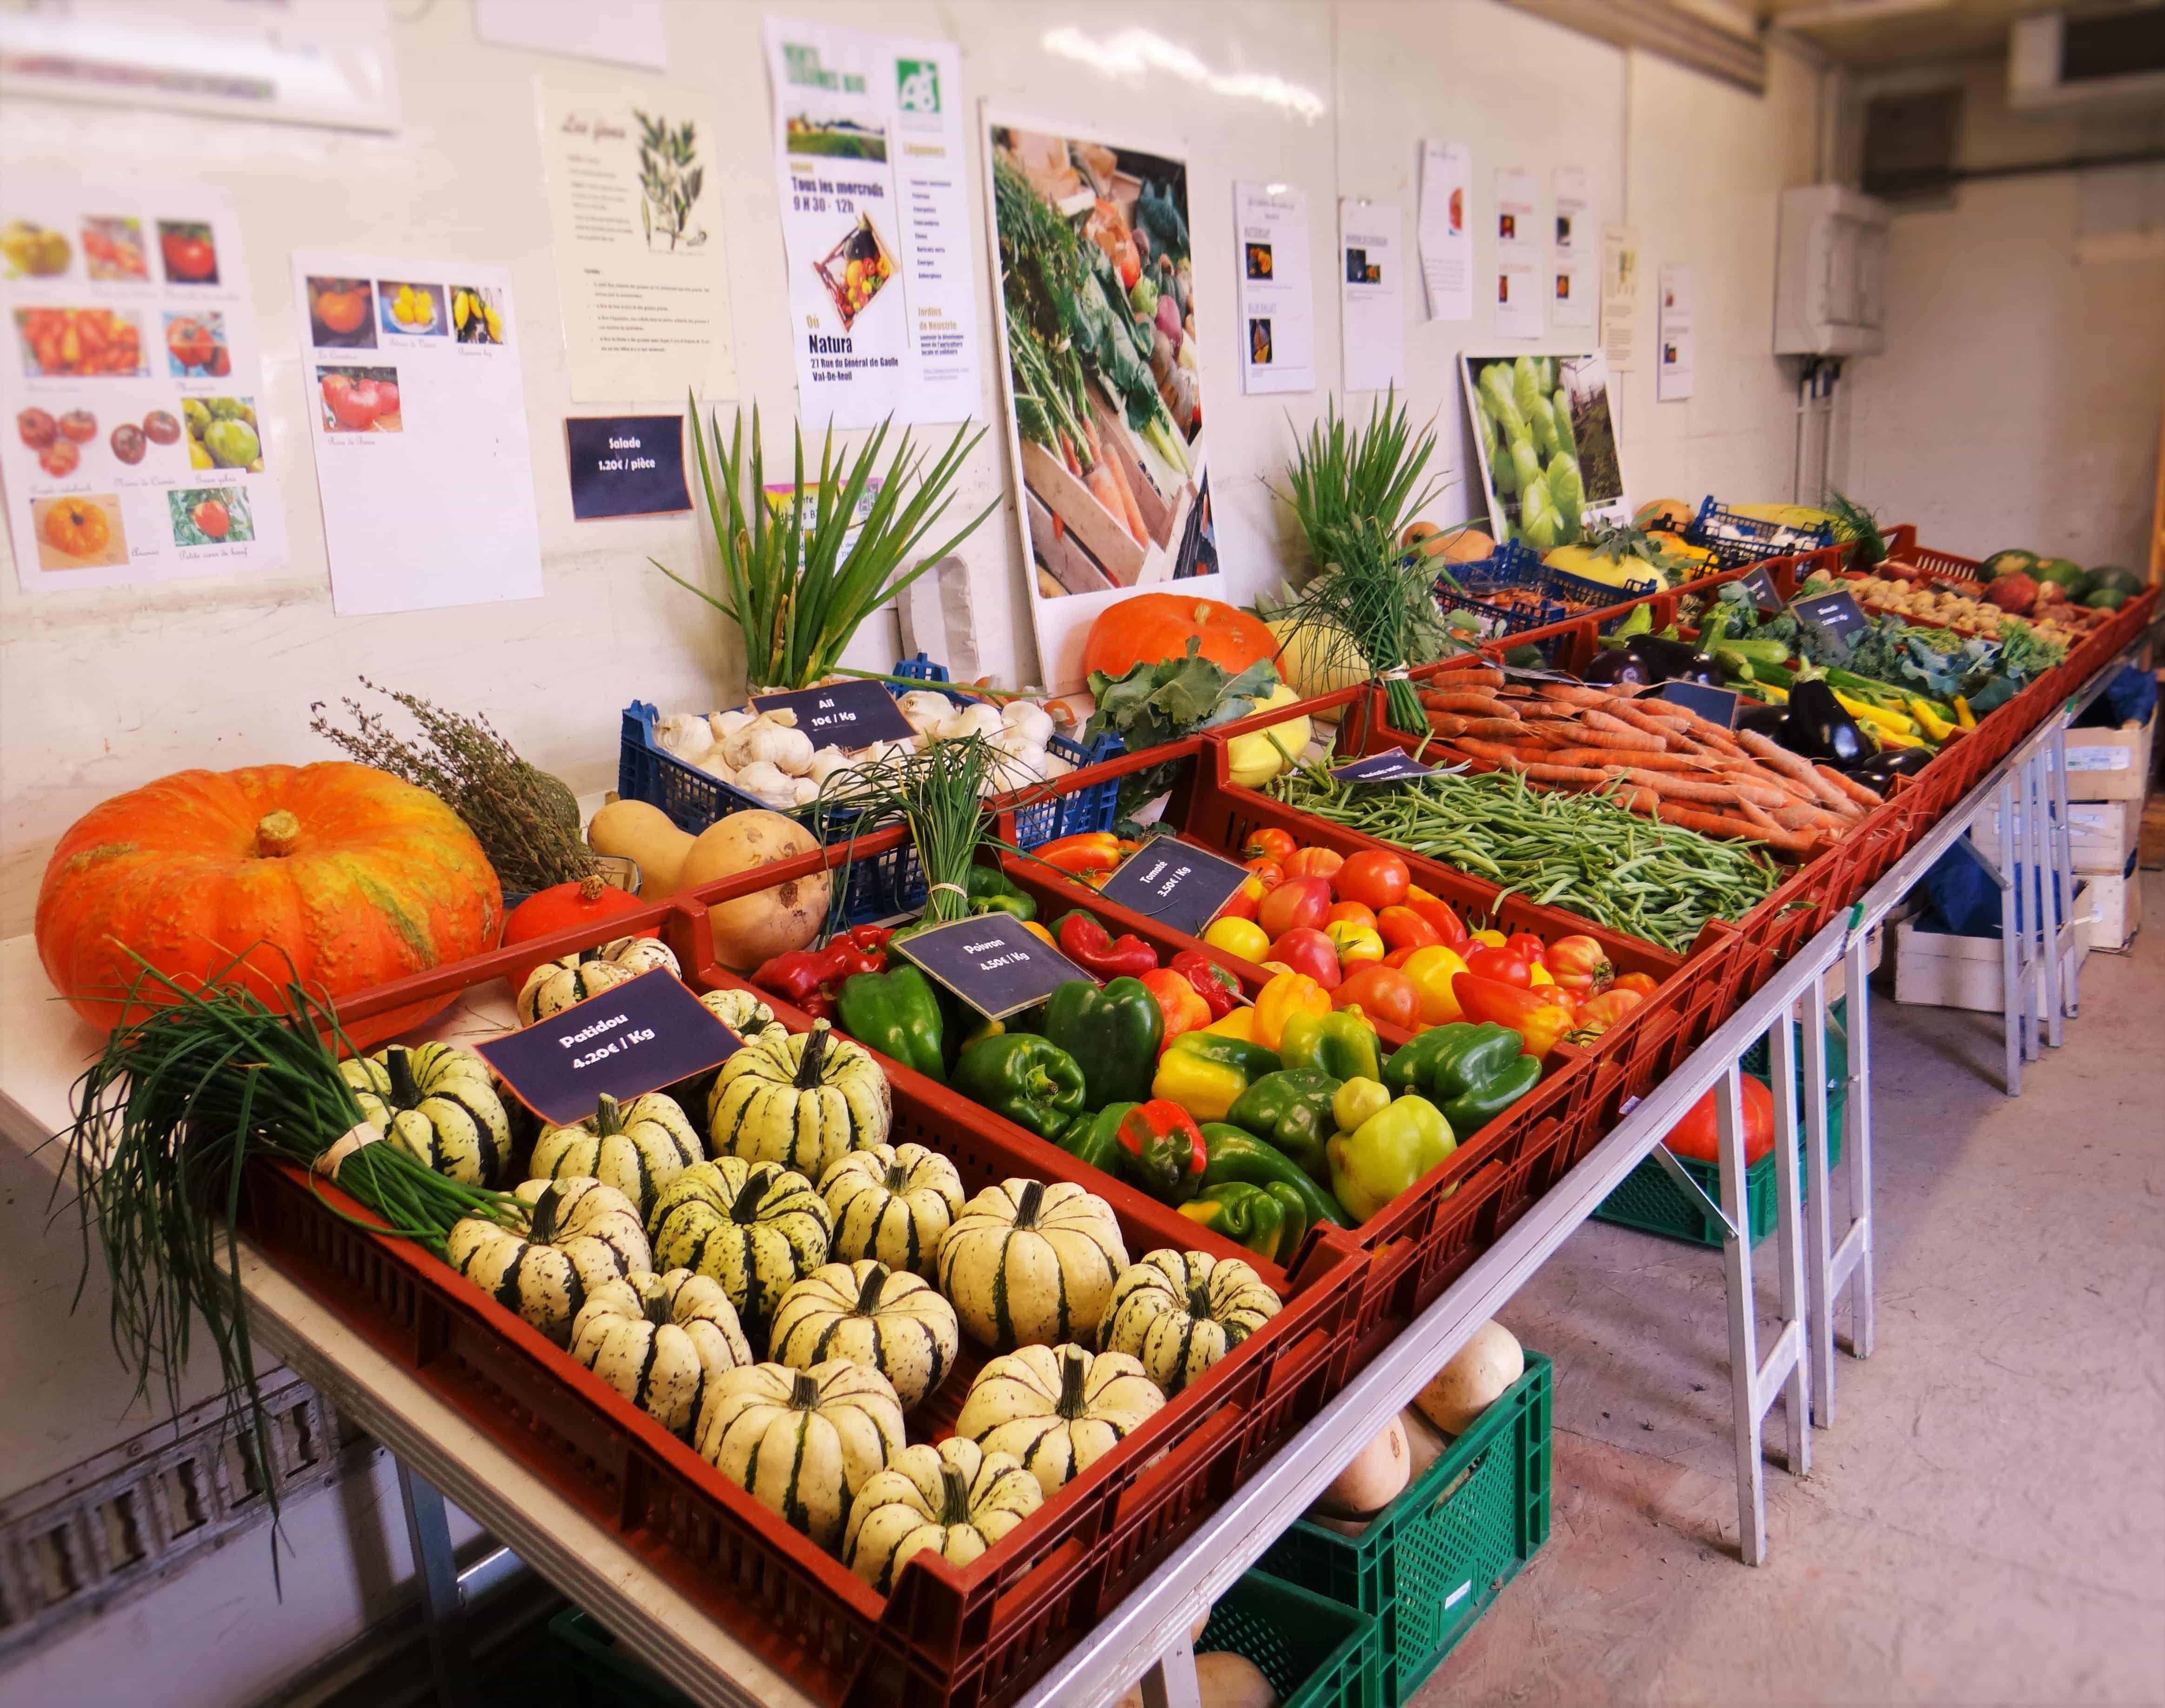 Legumes A Mettre Dans Le Jardin les jardins de neustrie : panier de fruits et légumes dans l